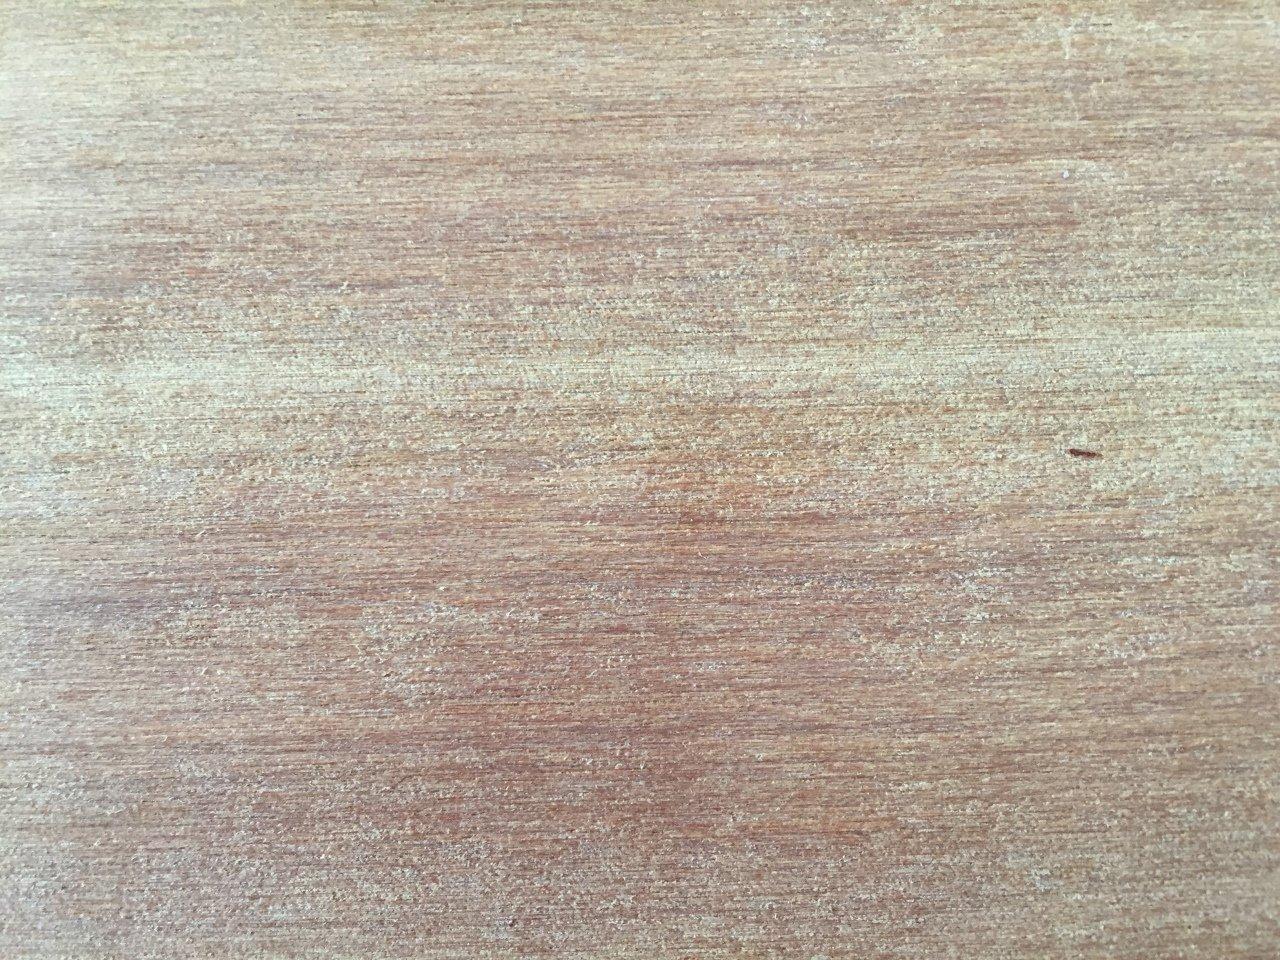 Jatoba Ağacı Sert Ağaç Torna İçin 9cm x 31cm x 15mm